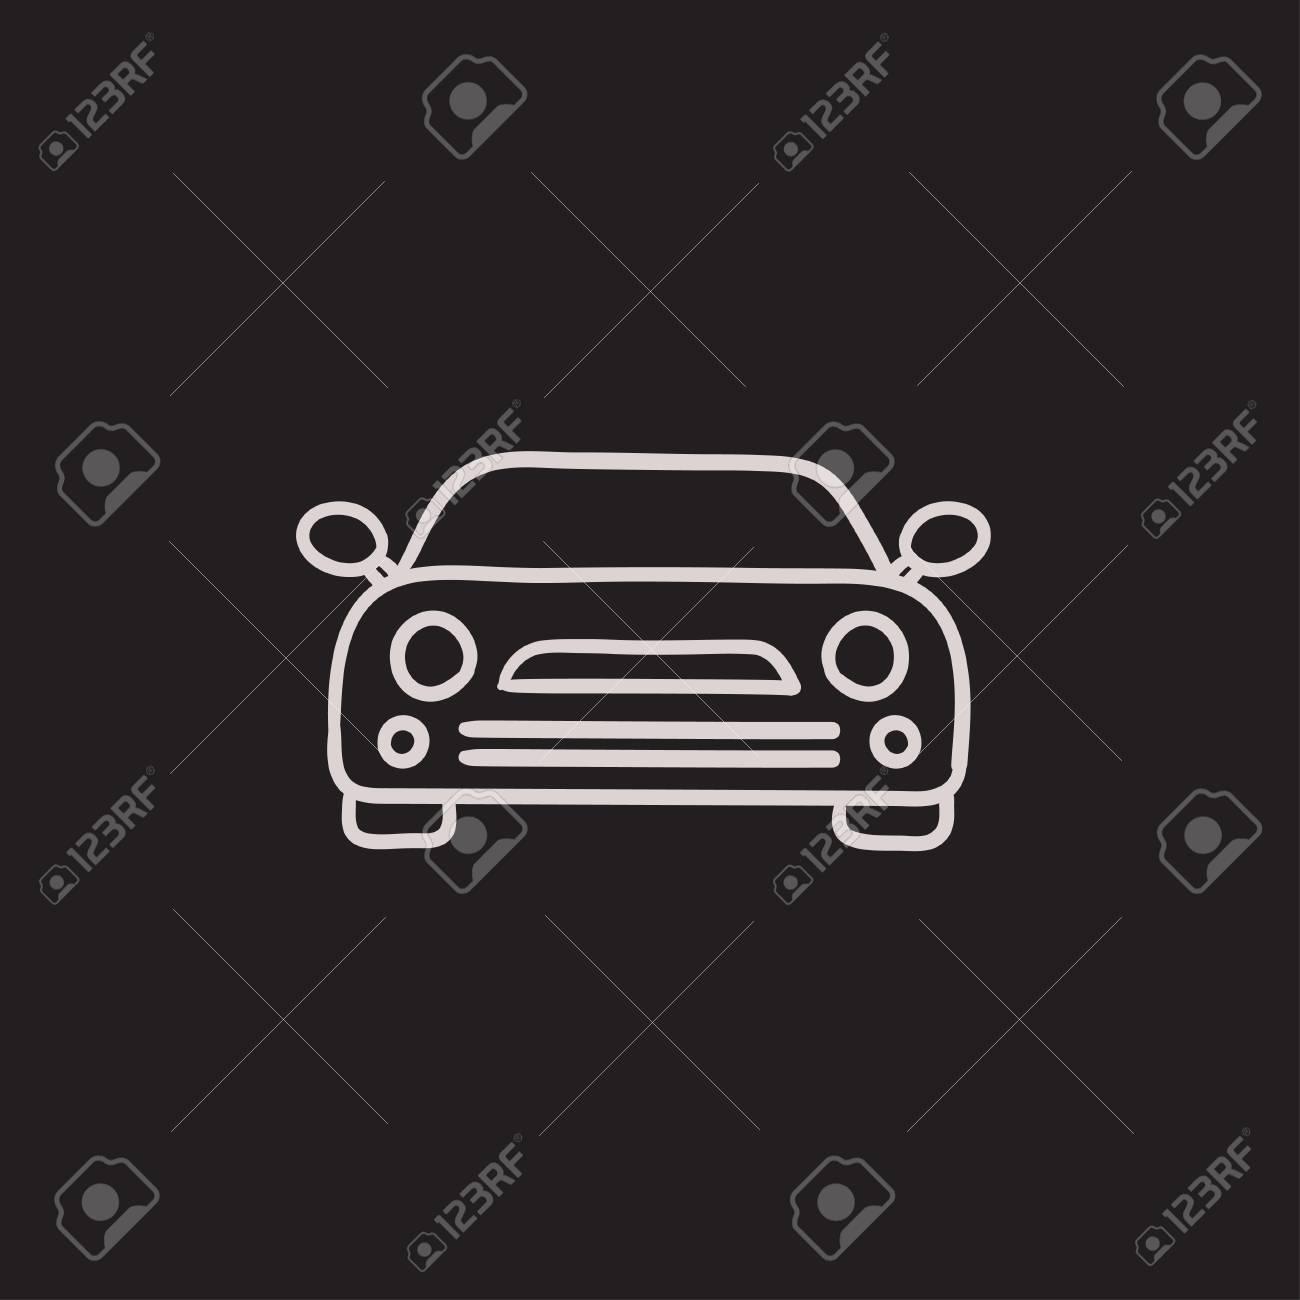 Auto-Vektor-Skizze-Symbol Auf Hintergrund Isoliert. Hand Gezeichnet ...